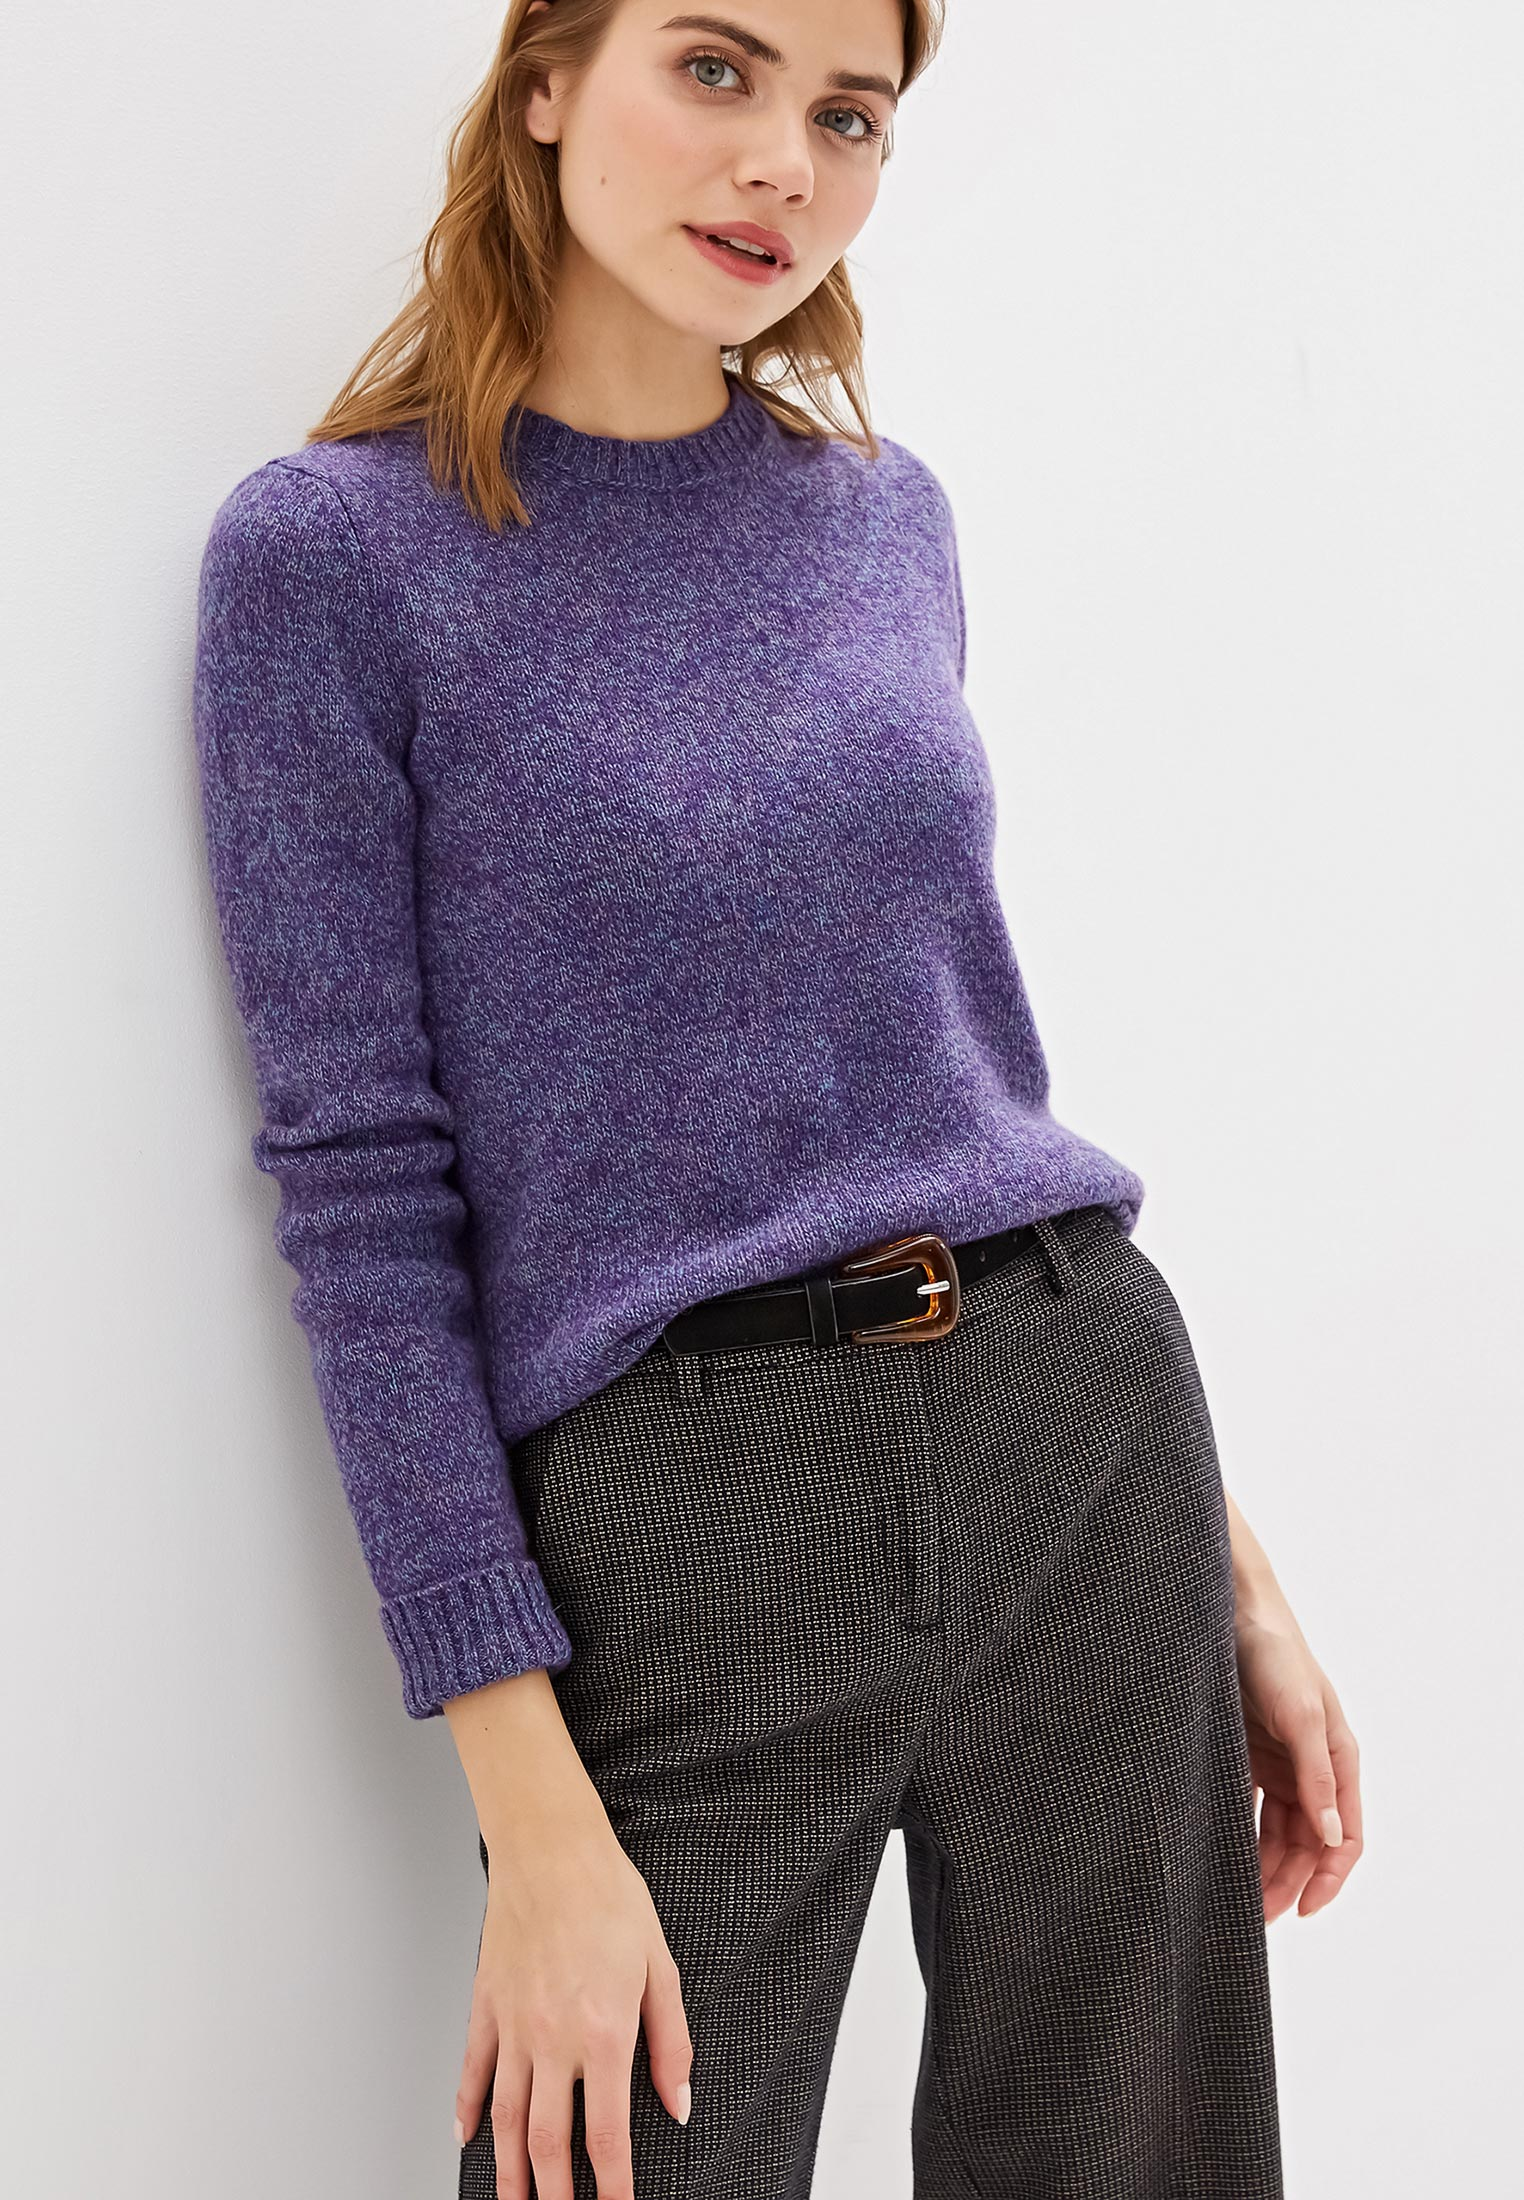 Джемпер, United Colors of Benetton, цвет: фиолетовый. Артикул: UN012EWFVAJ6. Одежда / Джемперы, свитеры и кардиганы